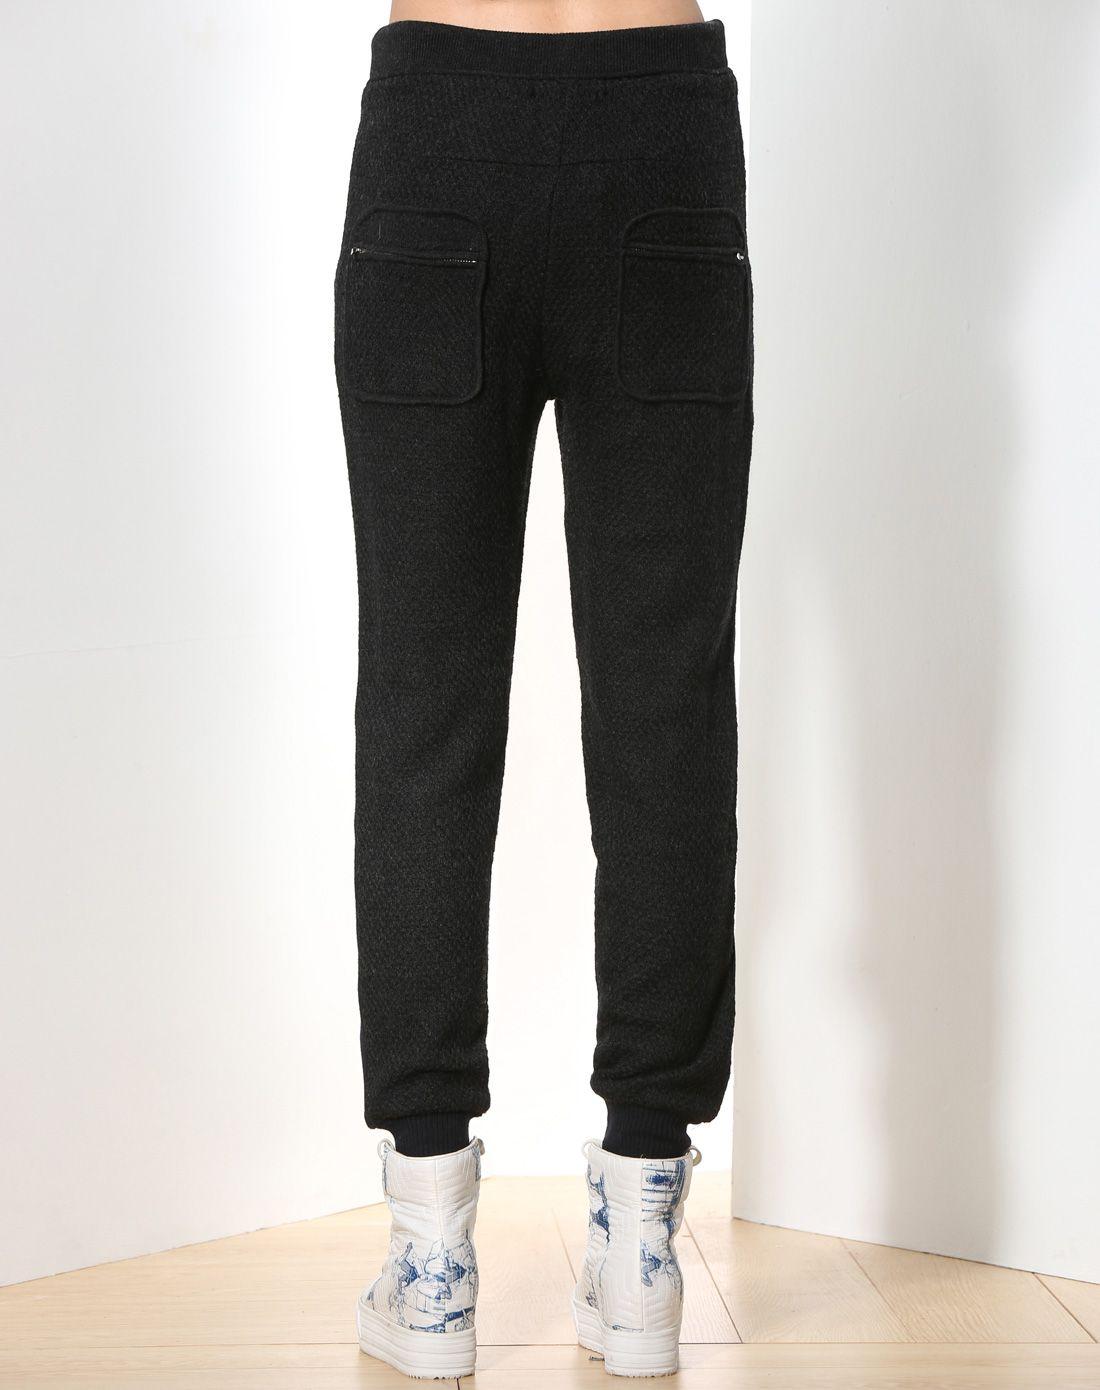 黑色时尚个性修身羊毛针织裤子